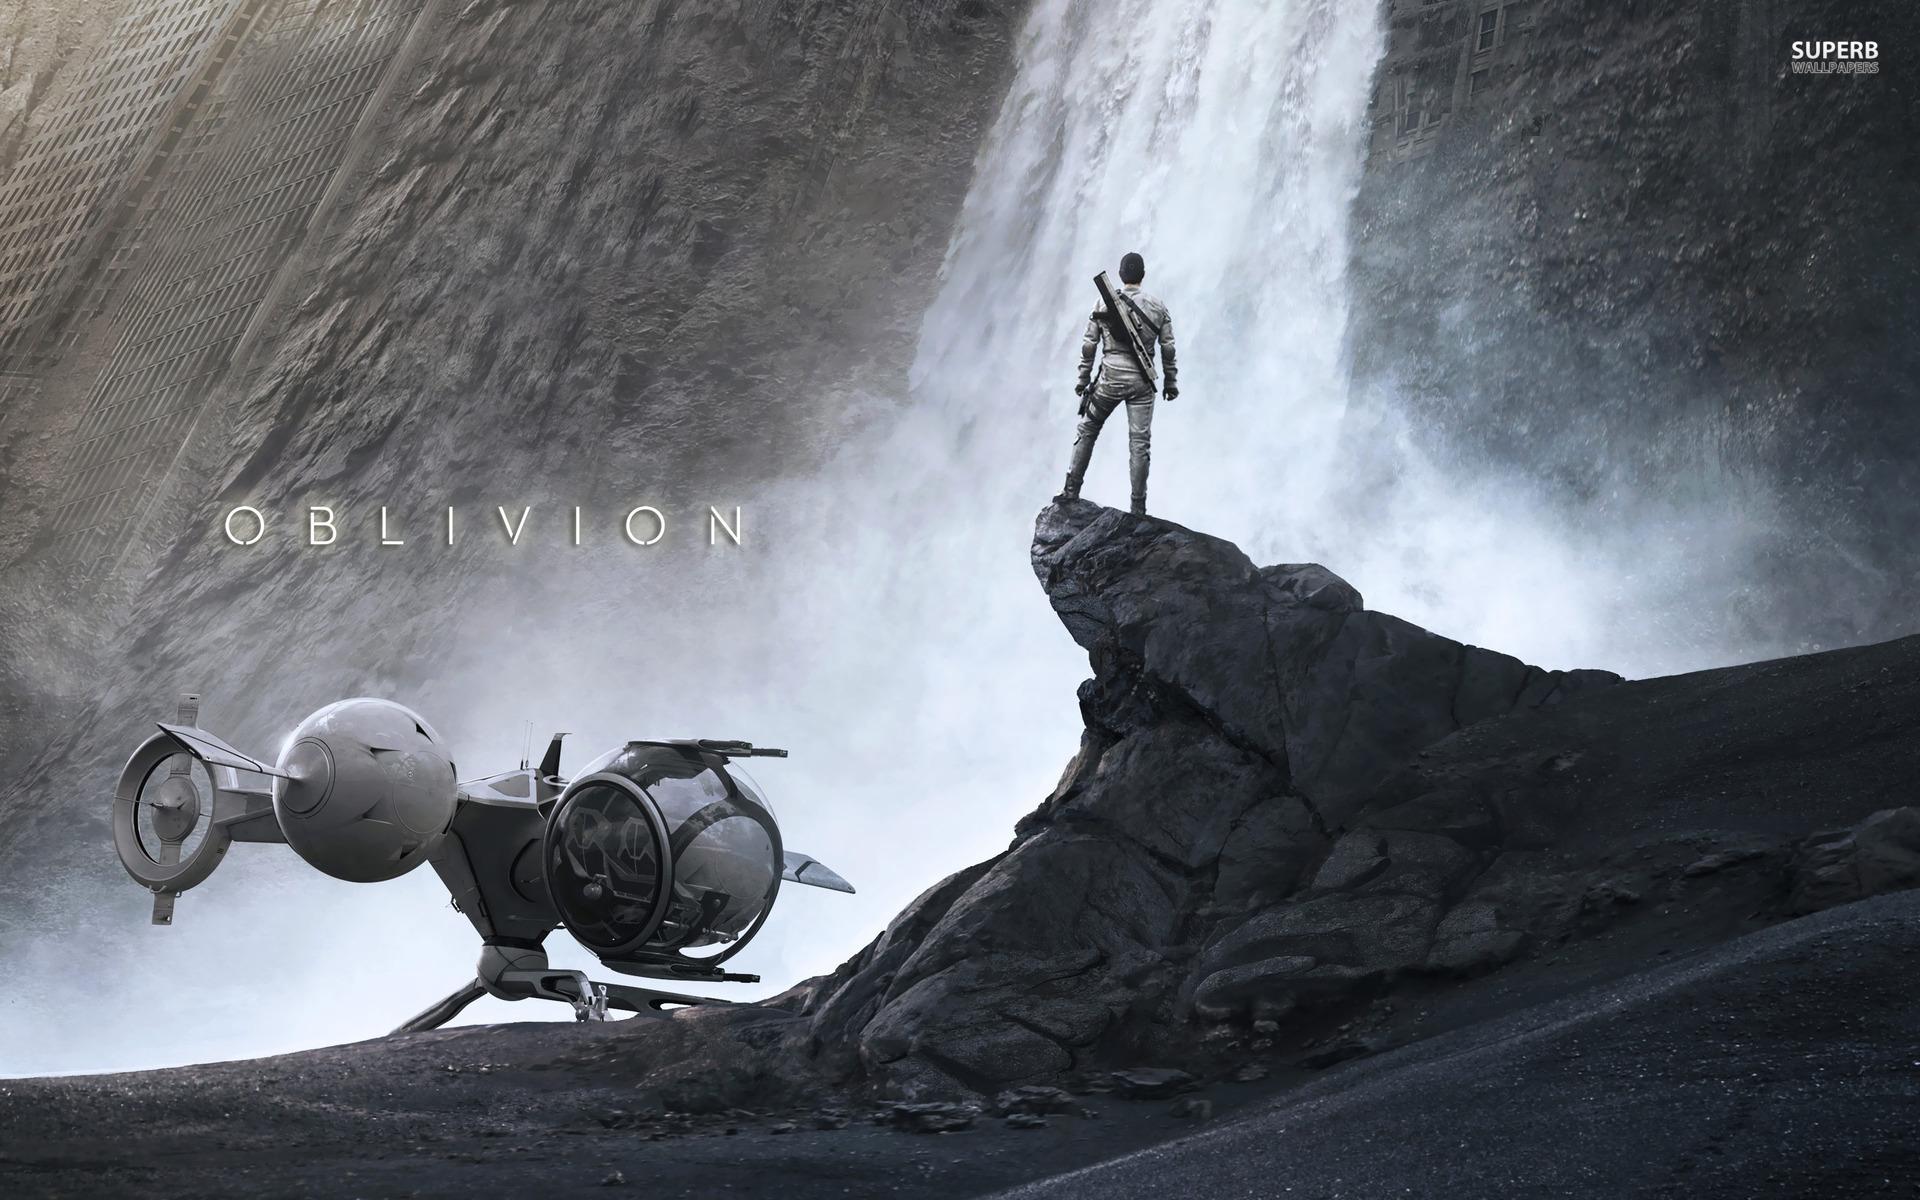 oblivion wallpaper 1080p   wallpapersafari